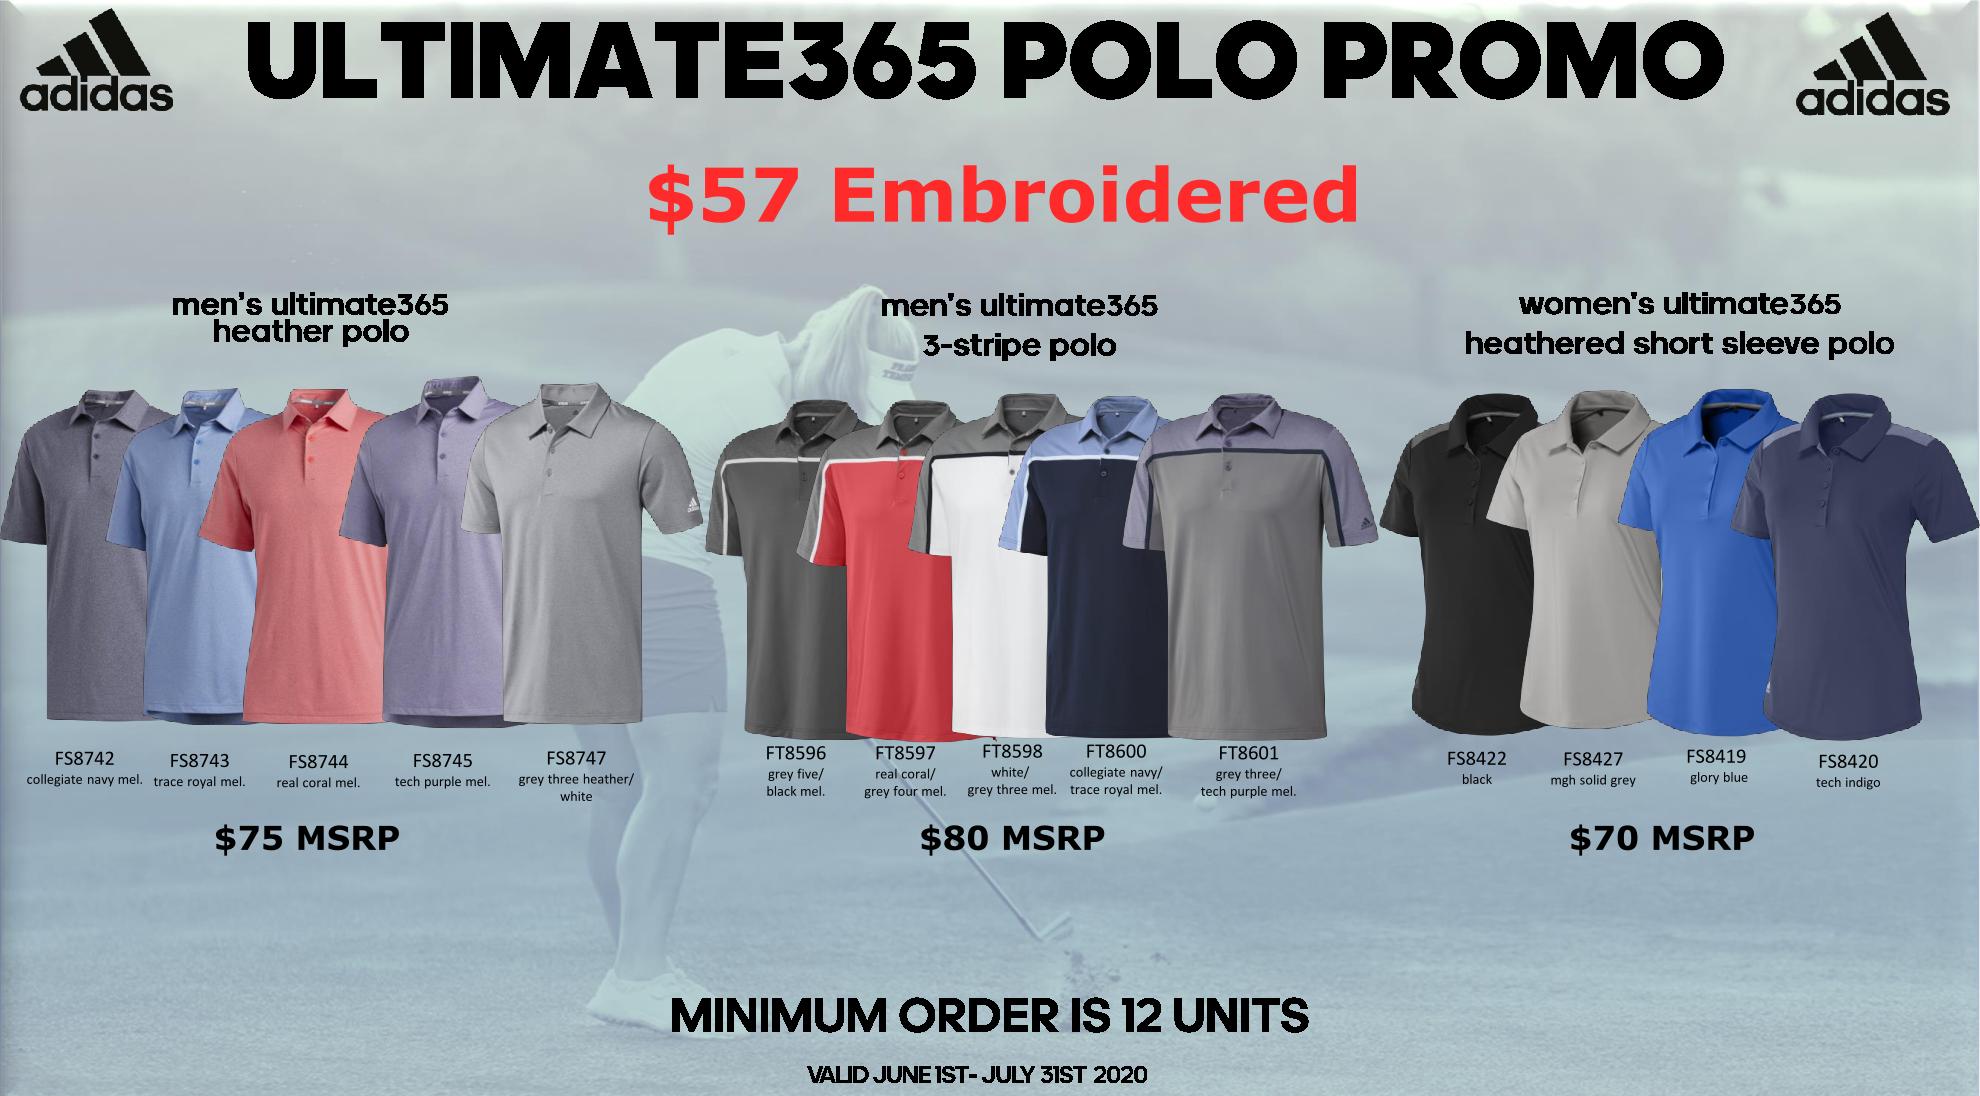 Adadis Ultimate365 Polo Promo 2020